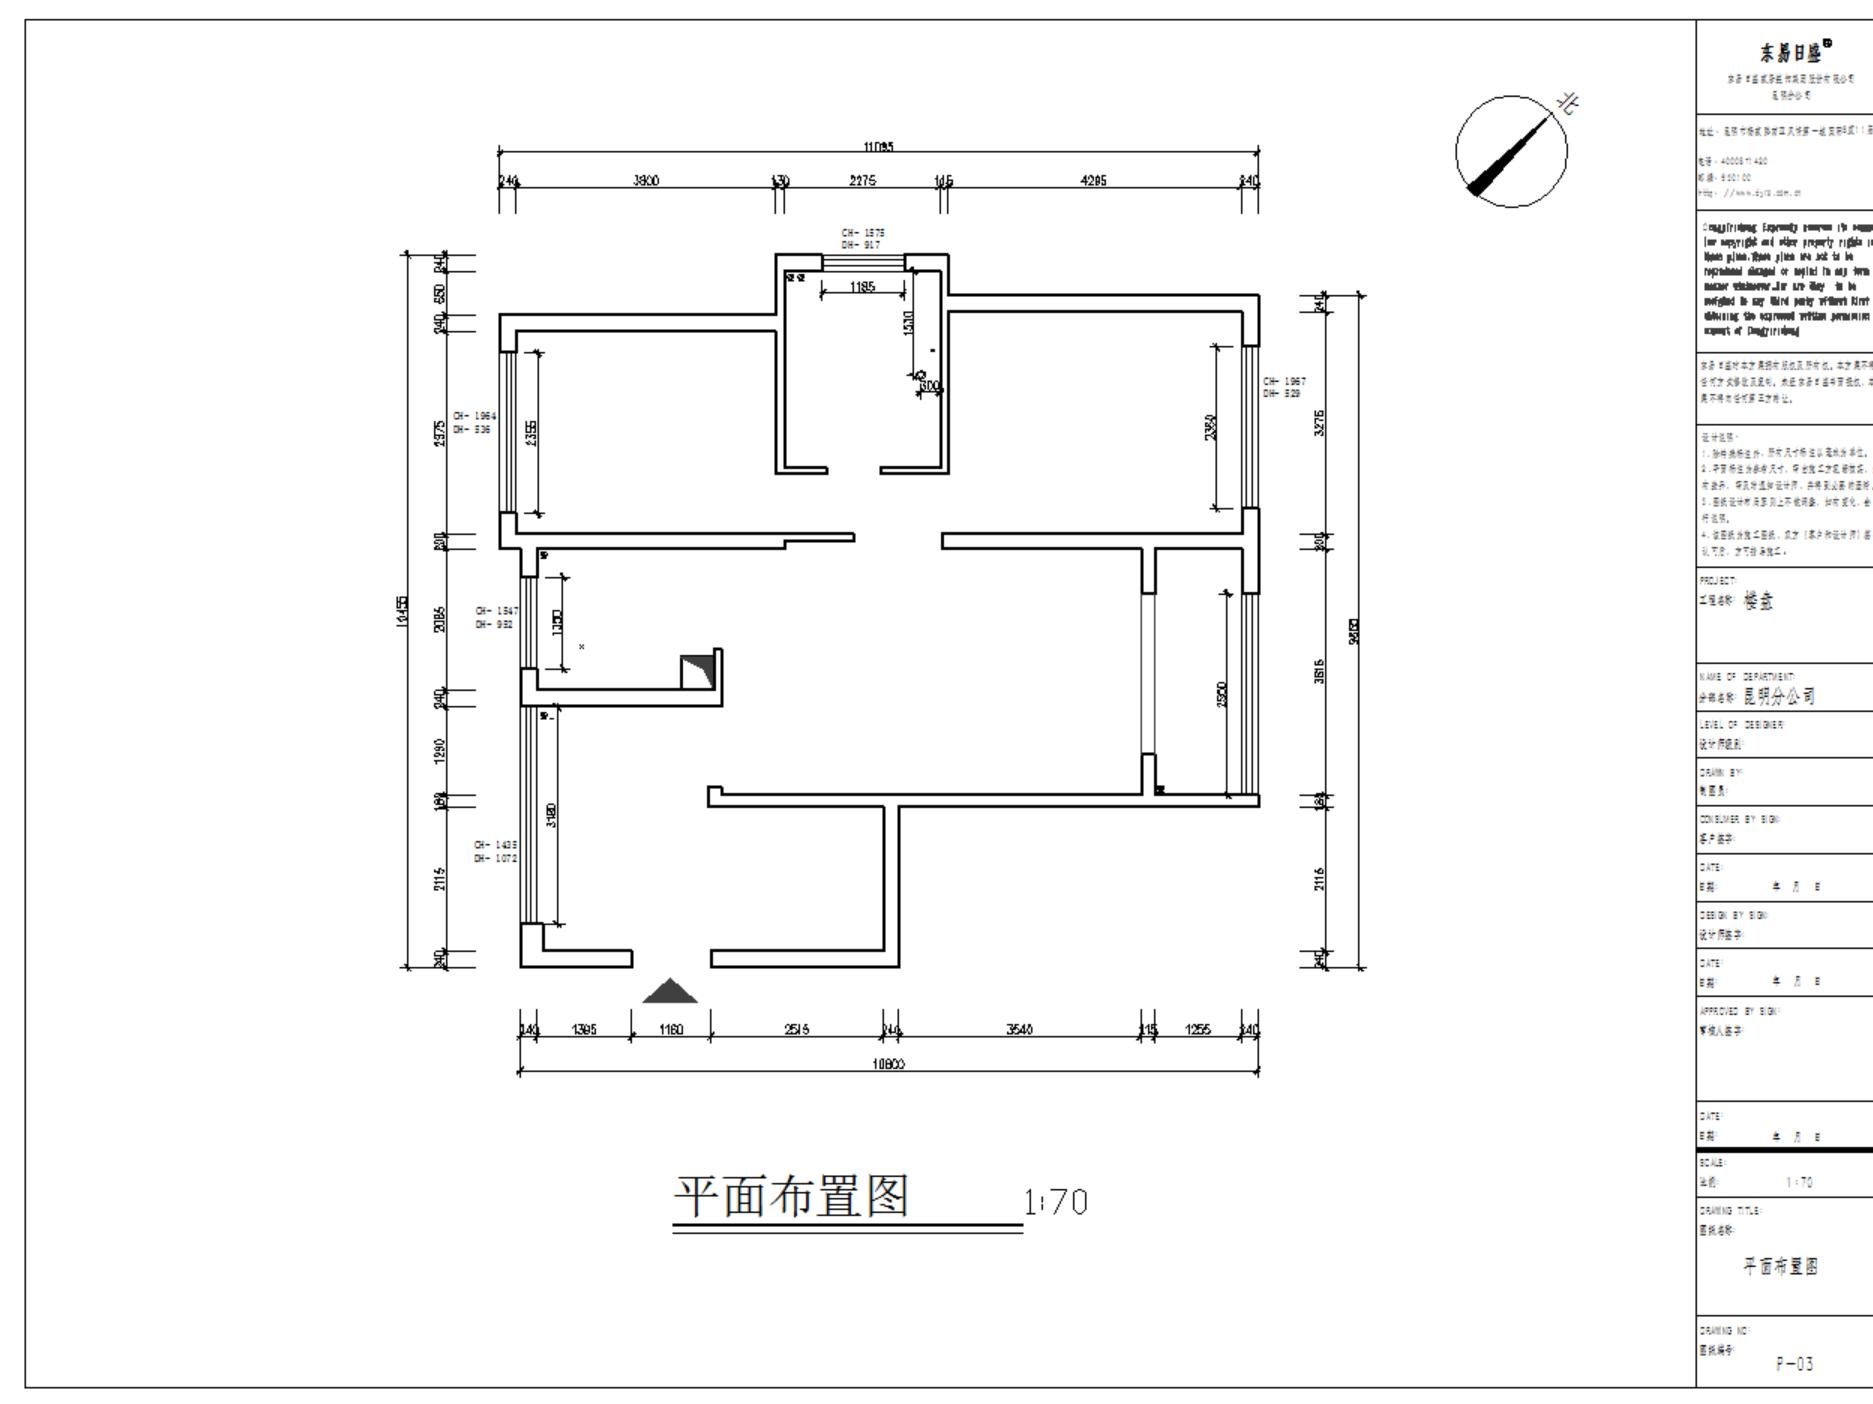 昆明世纪金源90m²简欧风格案列装修效果图装修设计理念